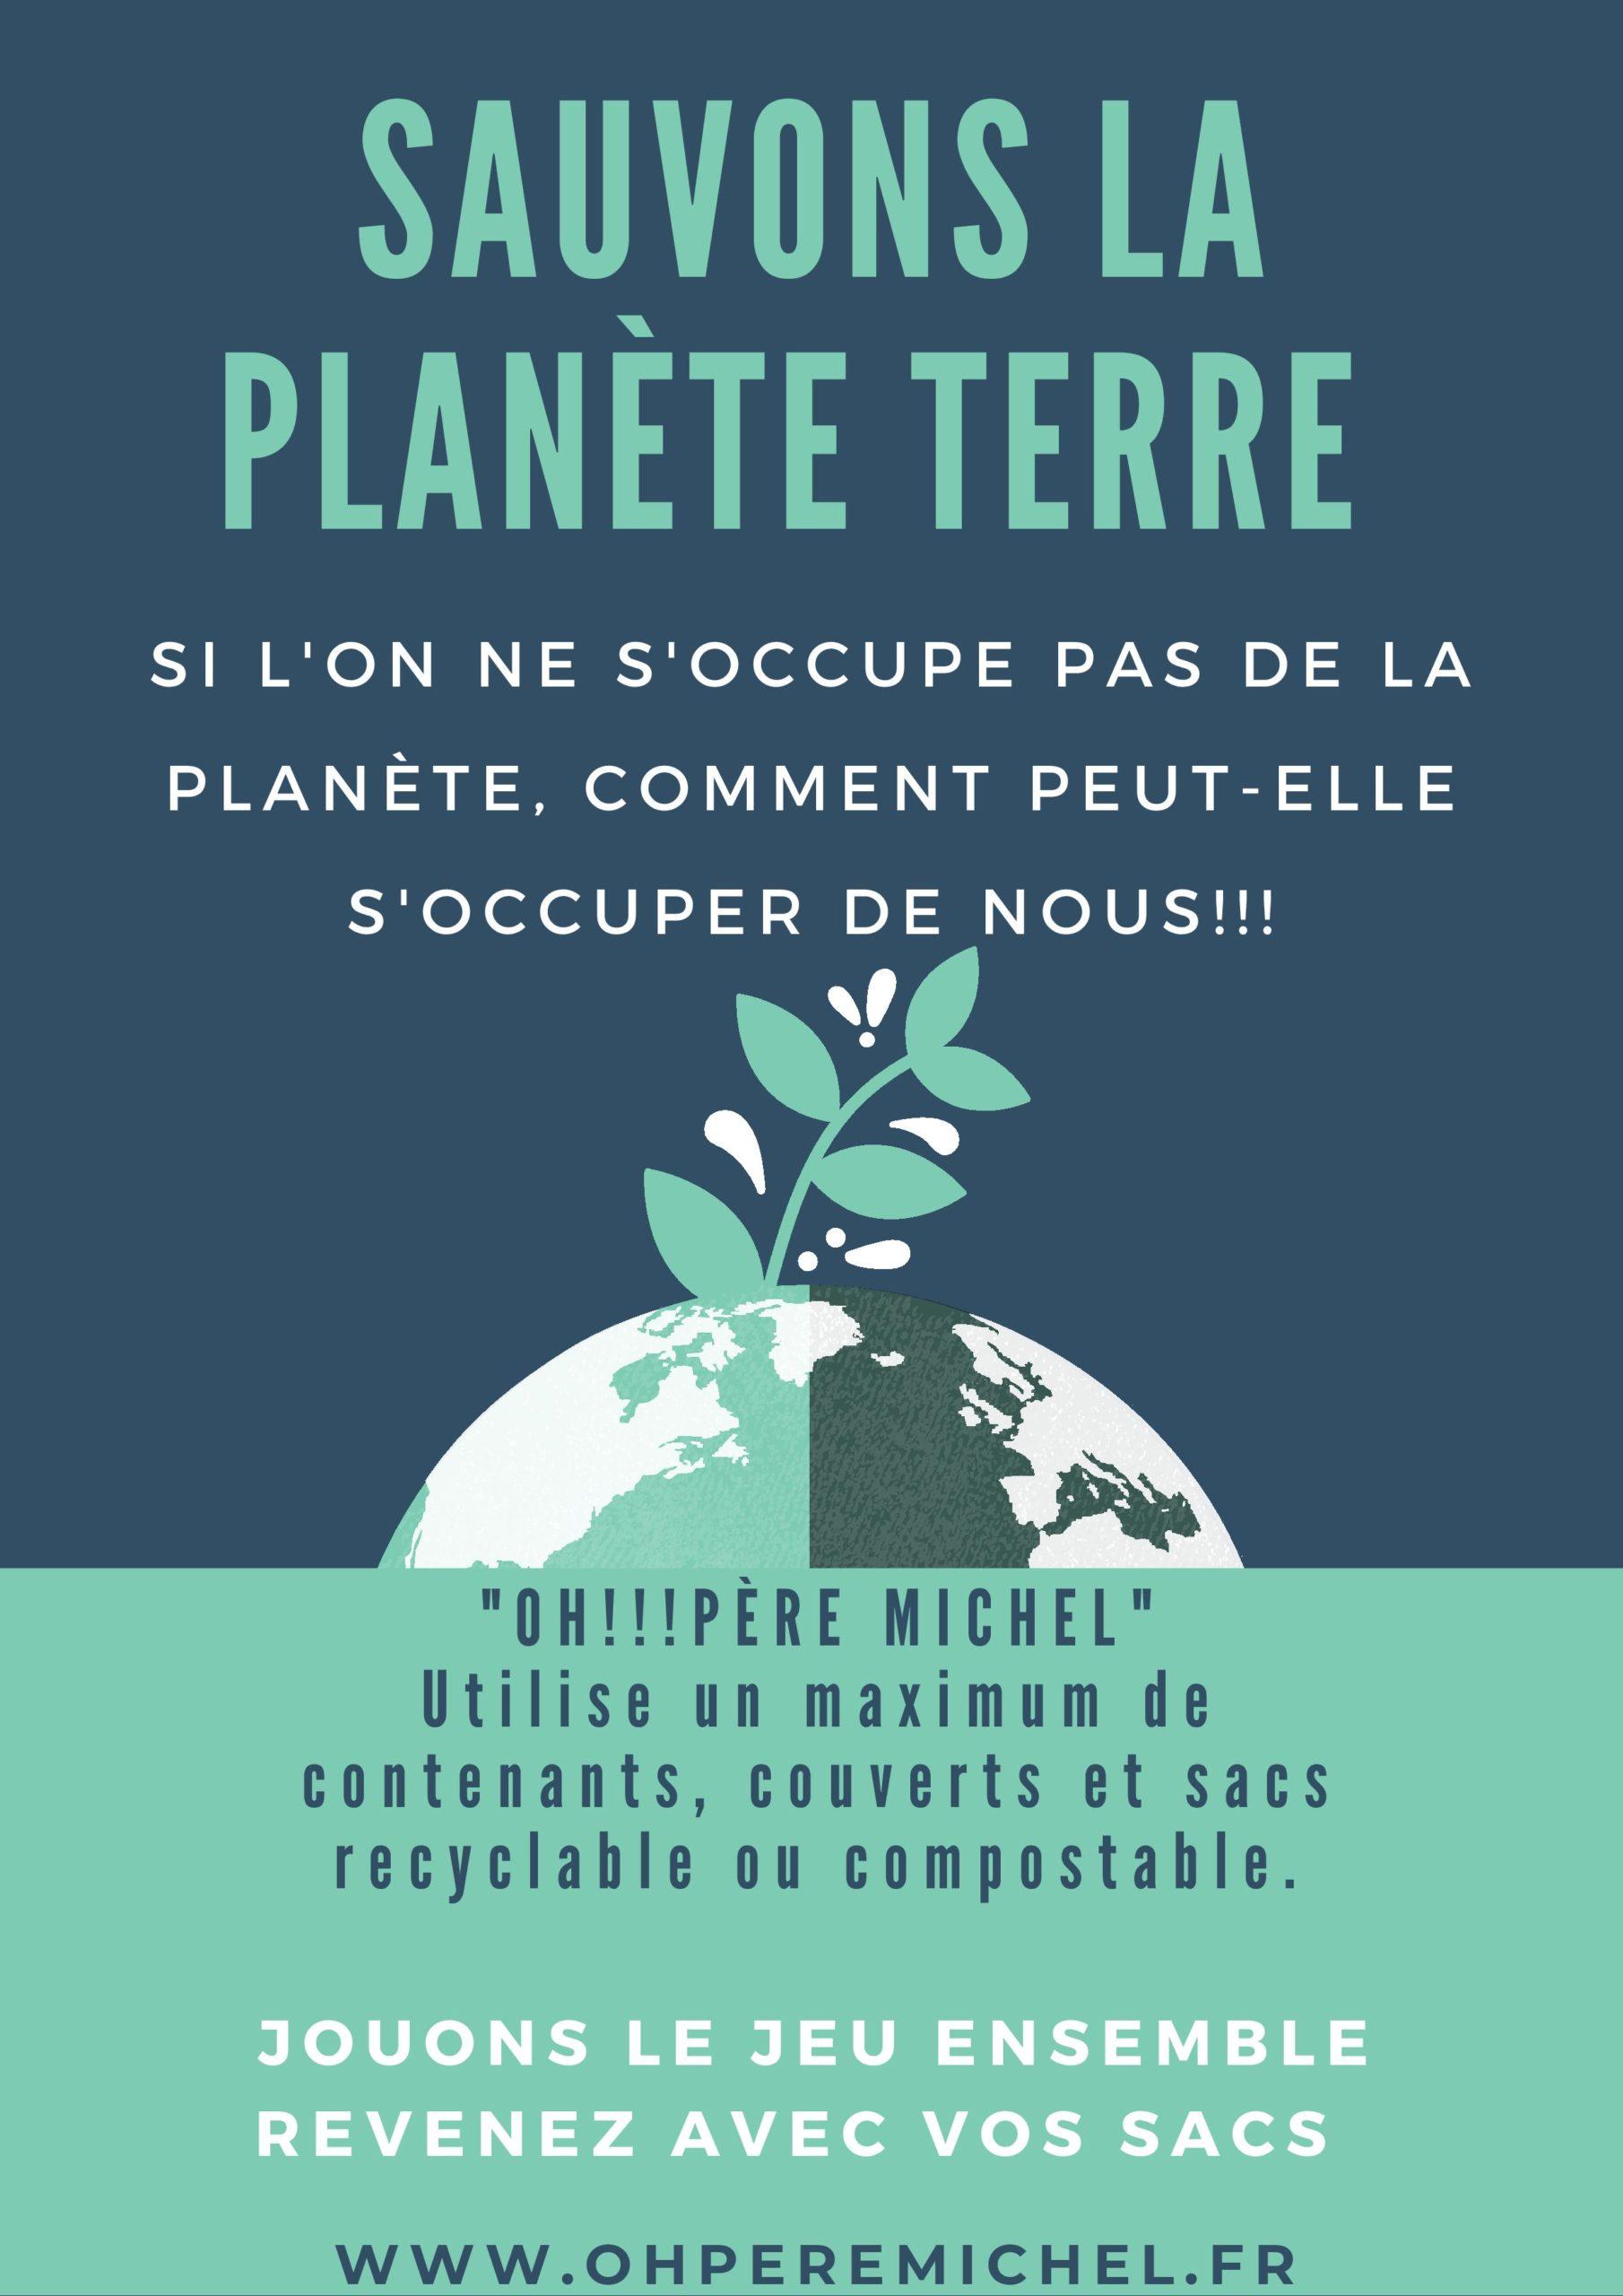 Vert et Bleu Illustré Planète Terre Journée Affiche (2)-page-001